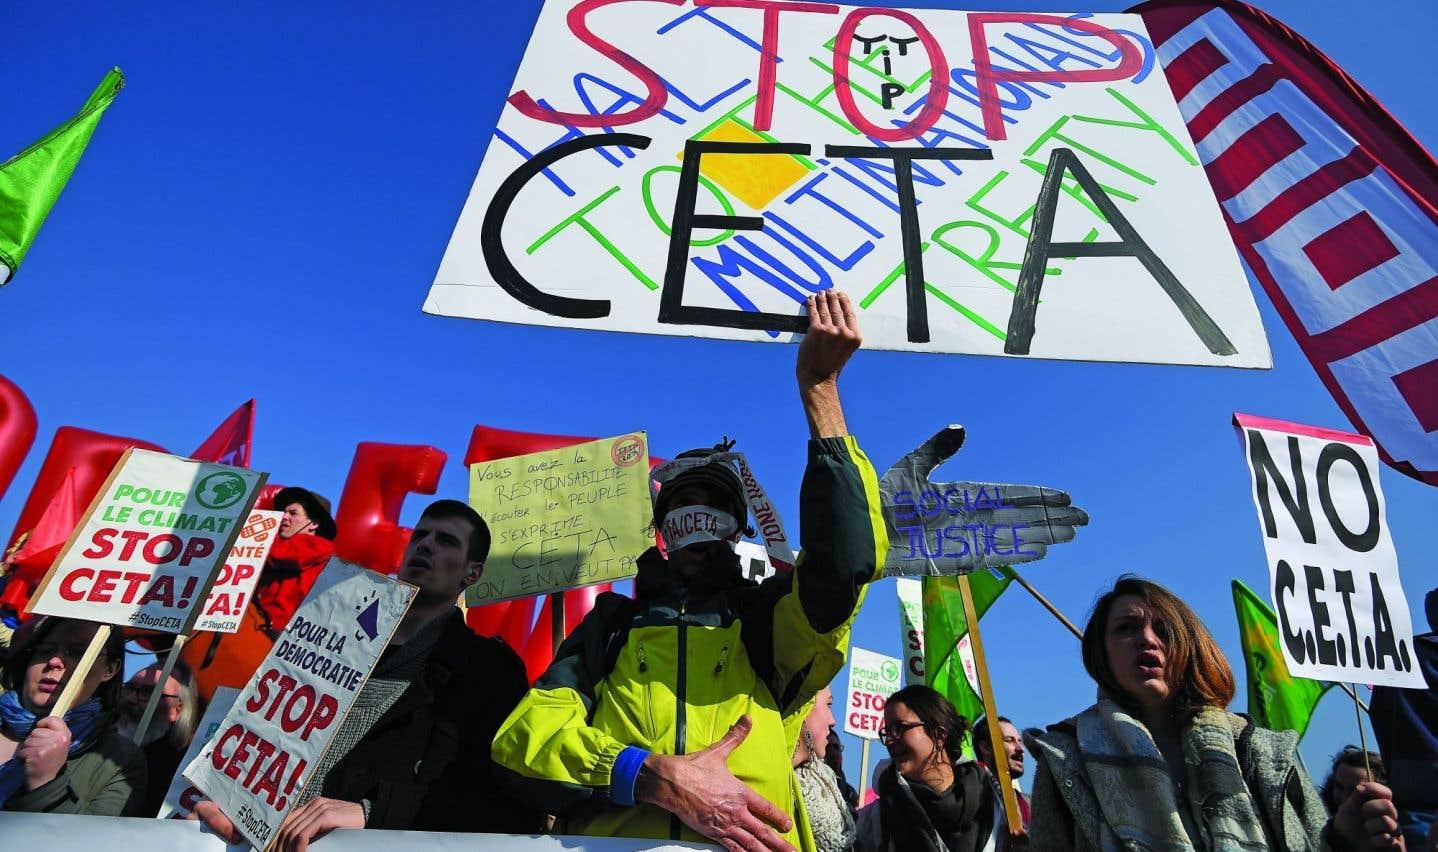 Le traité de libre-échange UE-Canada «manque d'ambition» environnementale